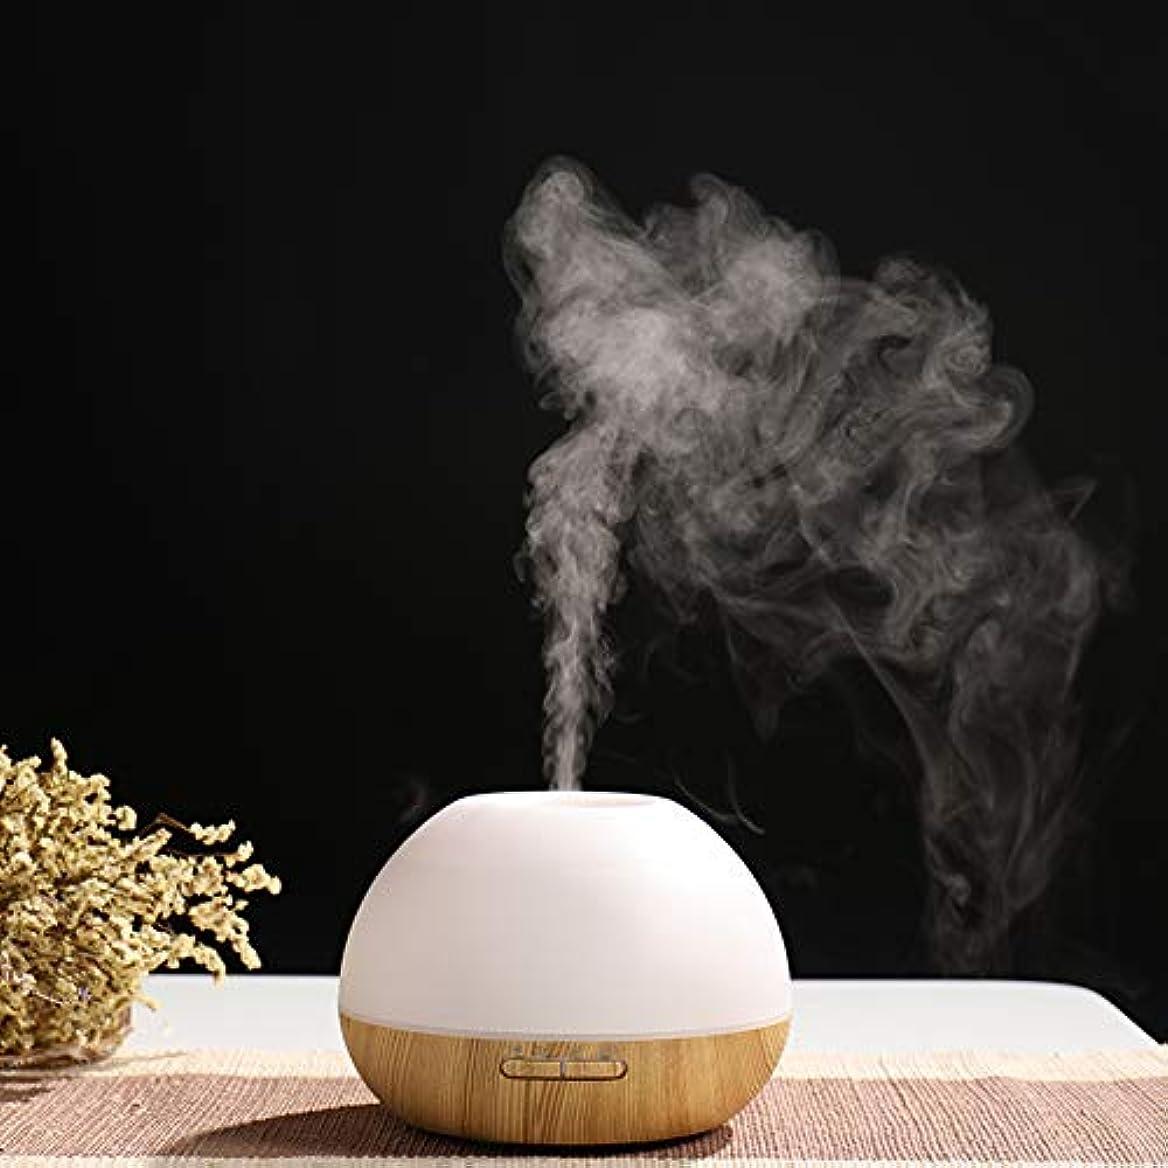 折未使用懺悔涼しい霧の加湿器、アロマエッセンシャルオイルディフューザー、超音波木材穀物オプションの色変更光は、広い部屋のための理想的な,Lightbrown